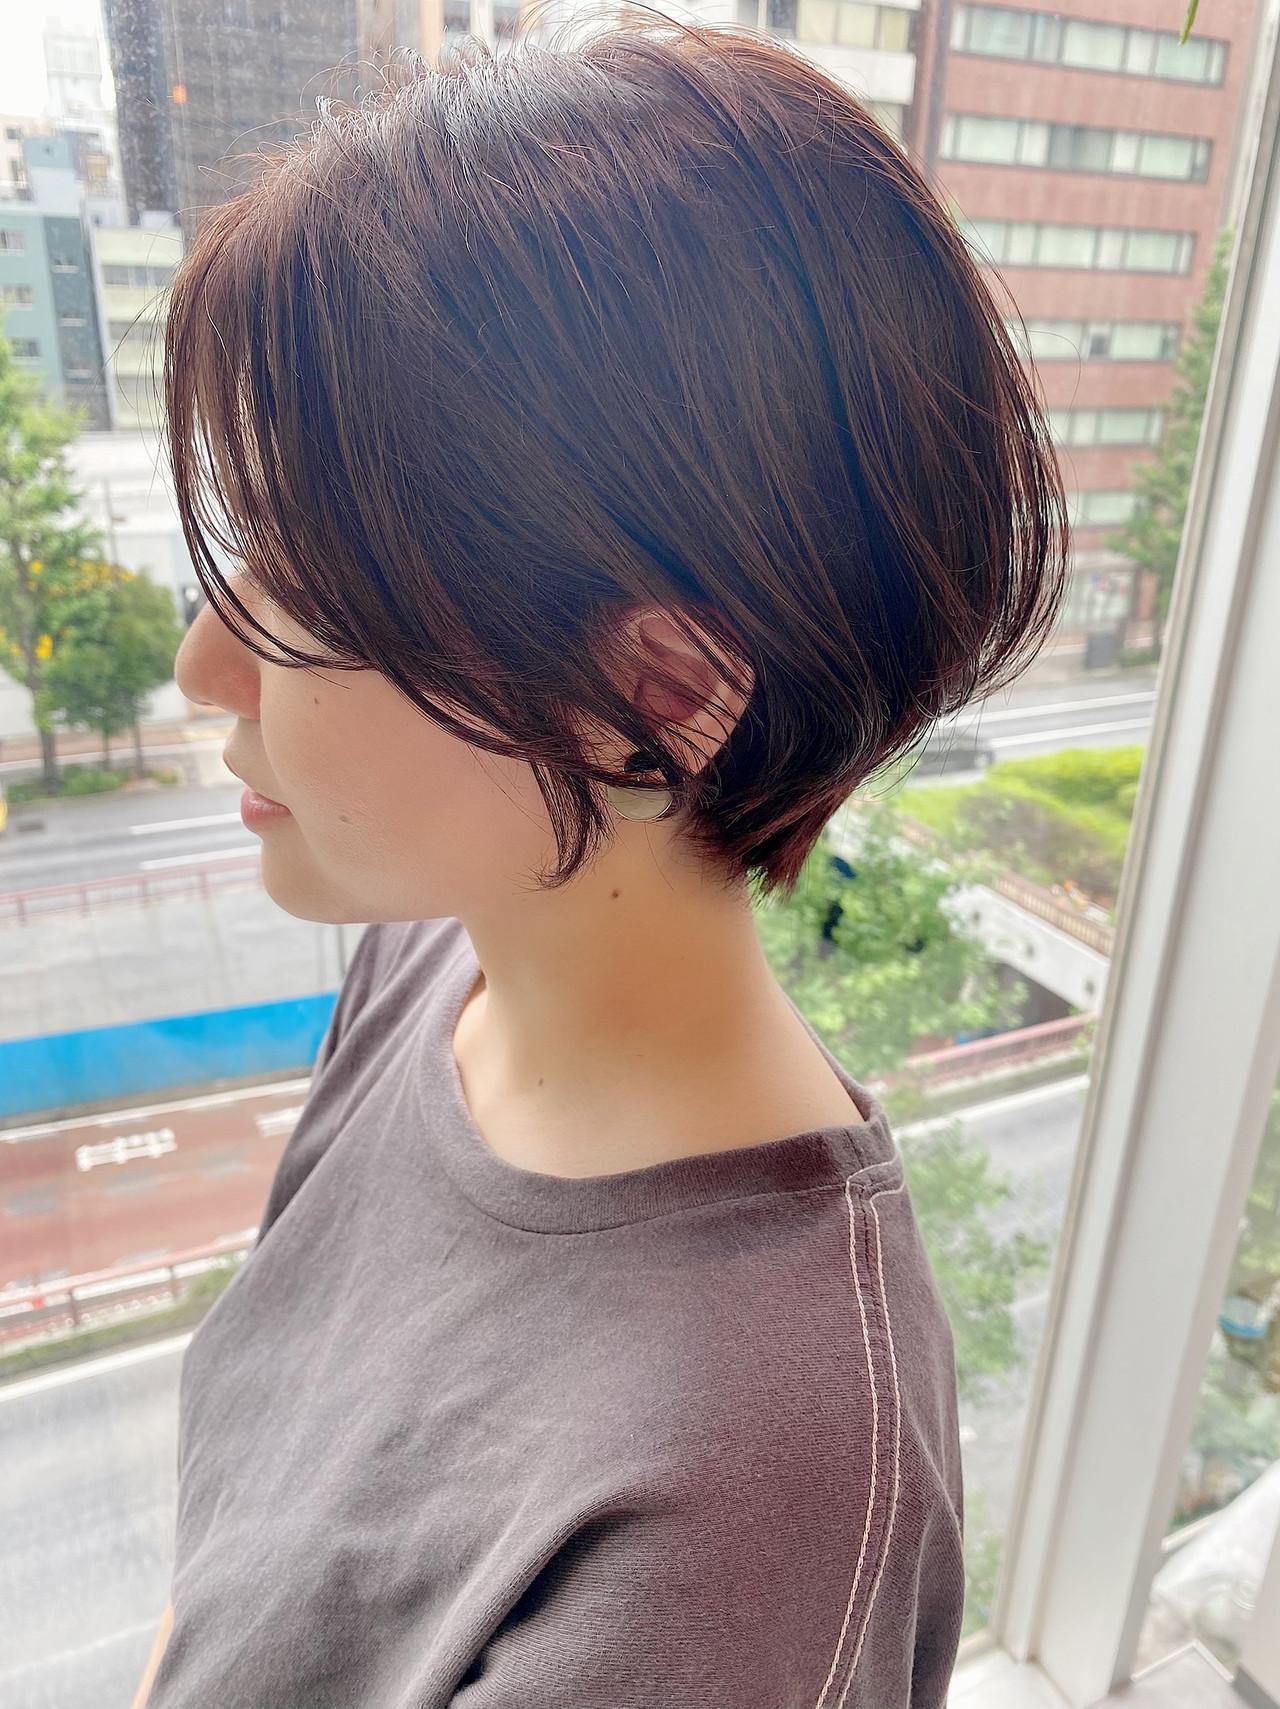 ショートヘア ショートボブ 大人かわいい ショート ヘアスタイルや髪型の写真・画像 | 大人可愛い【ショート・ボブが得意】つばさ / VIE